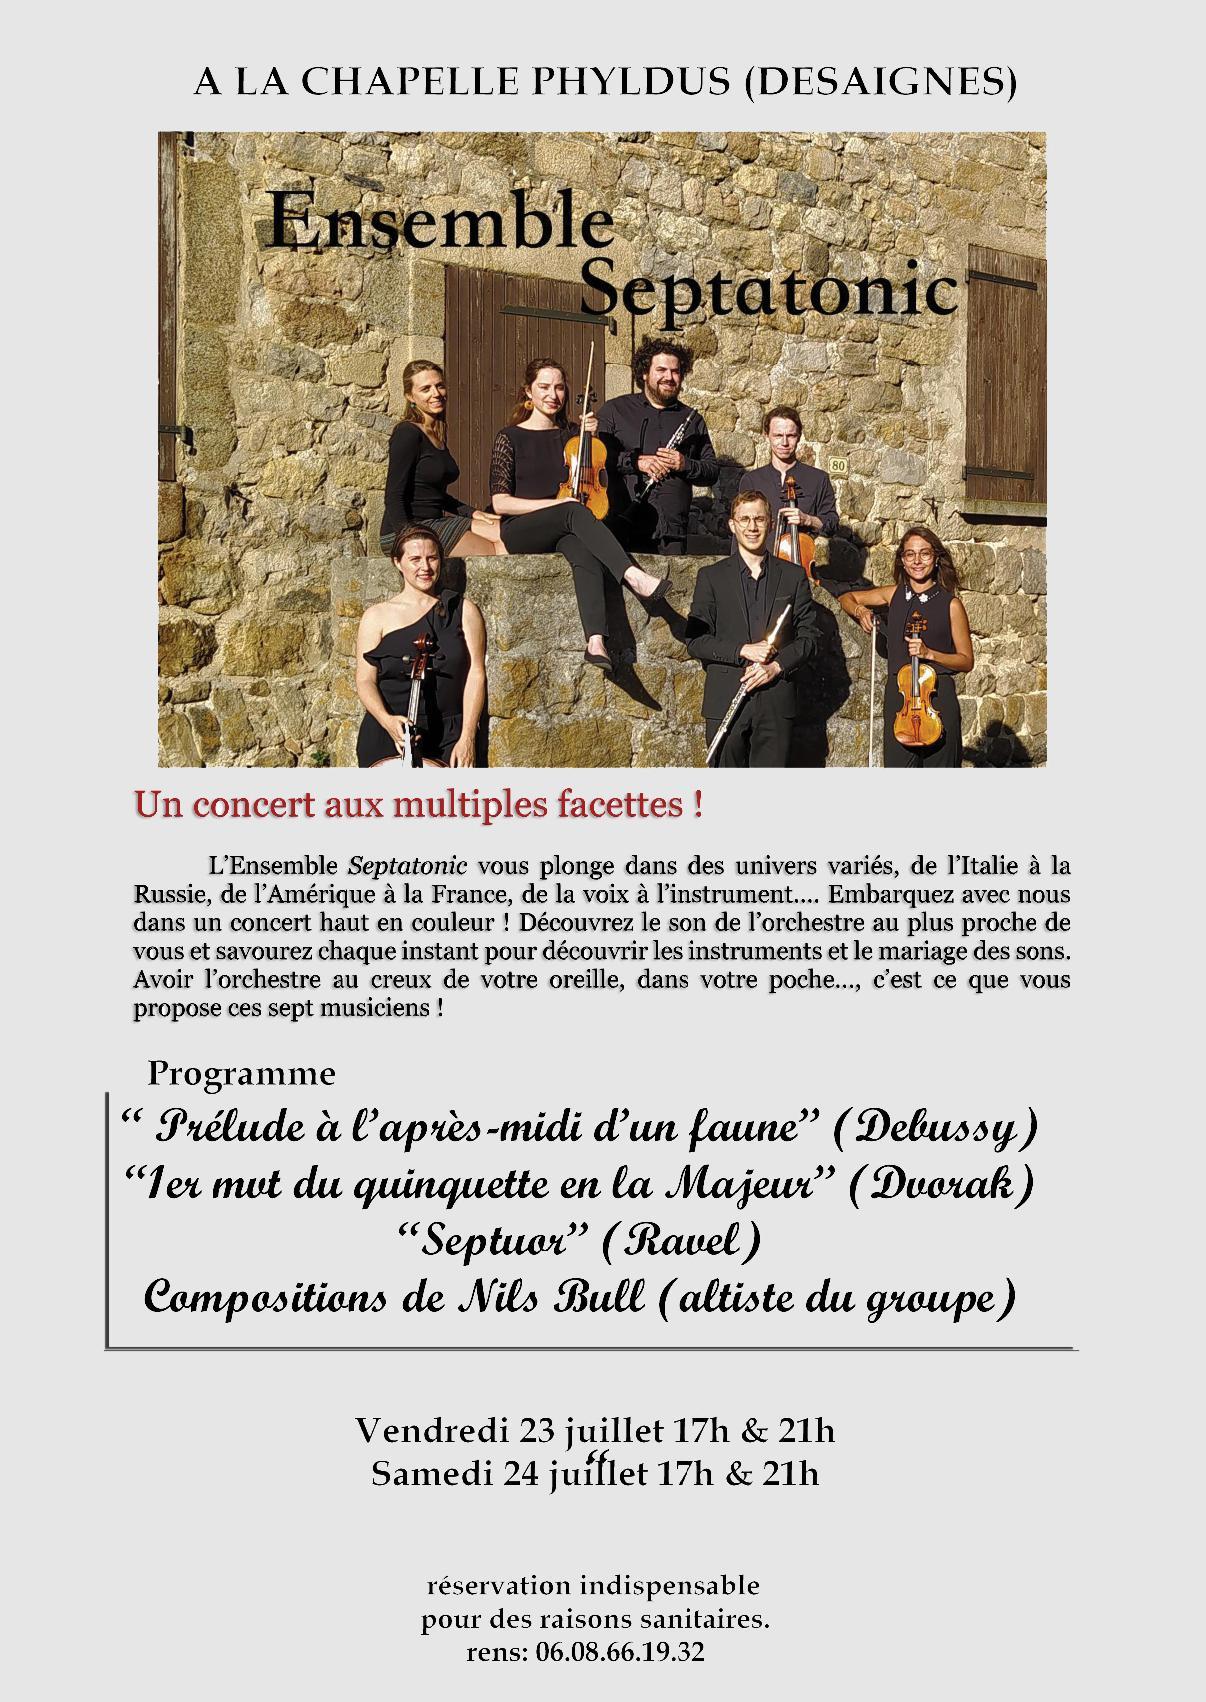 concert septatonic chapelle phyldus desaignes